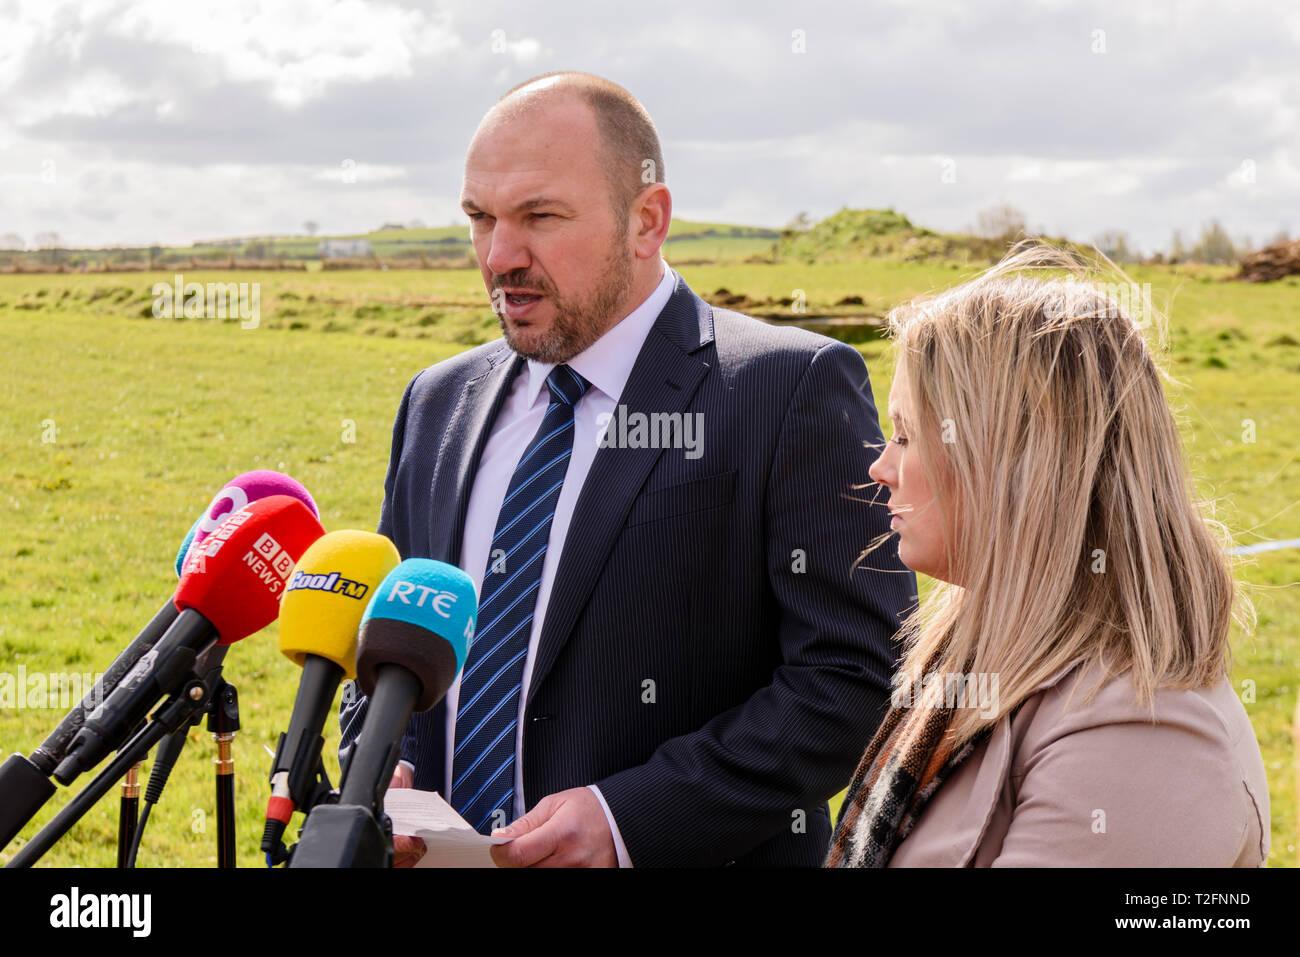 Irish Superintendent Stock Photos & Irish Superintendent Stock